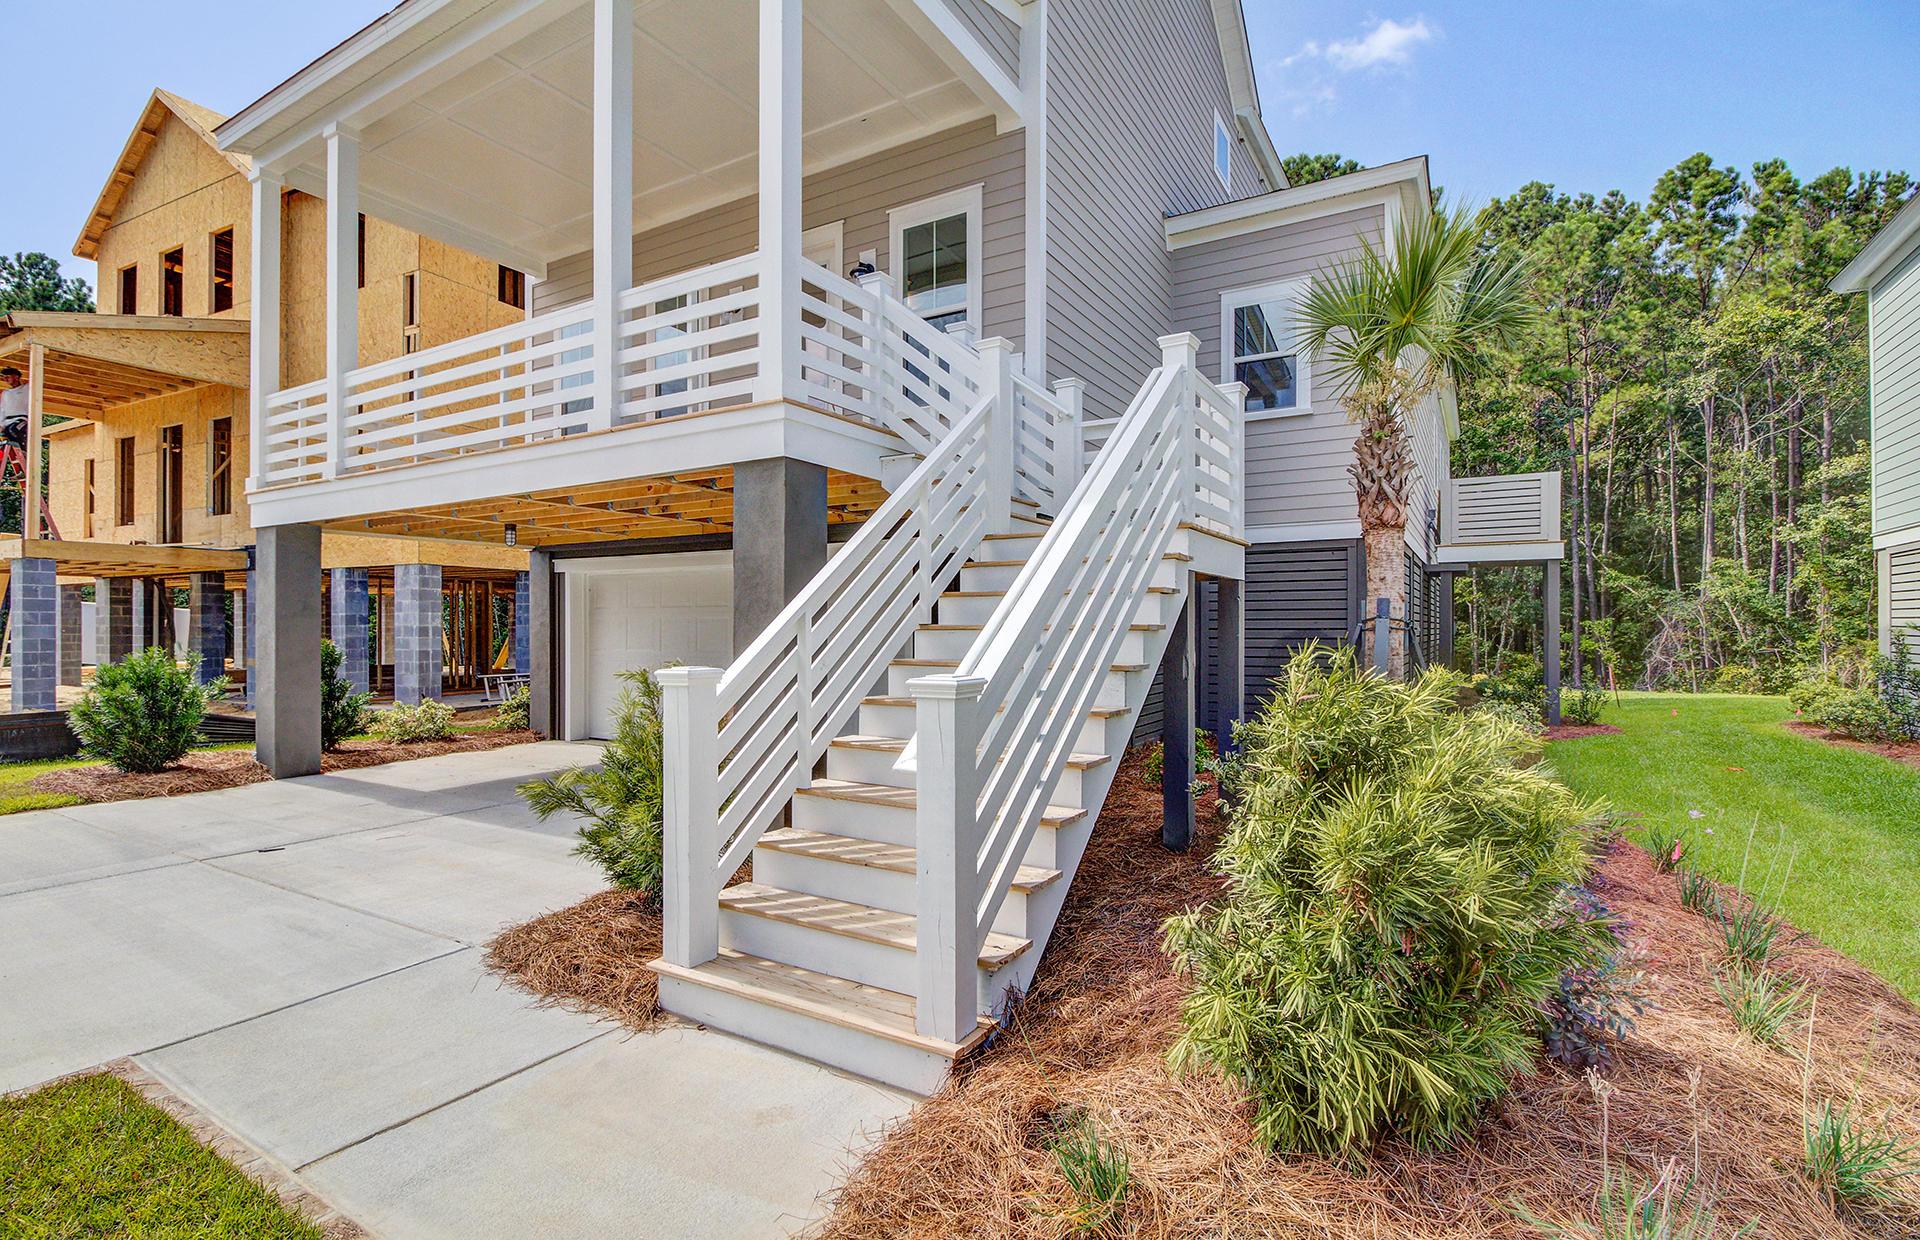 Fulton Park Homes For Sale - 2441 Giles, Mount Pleasant, SC - 0